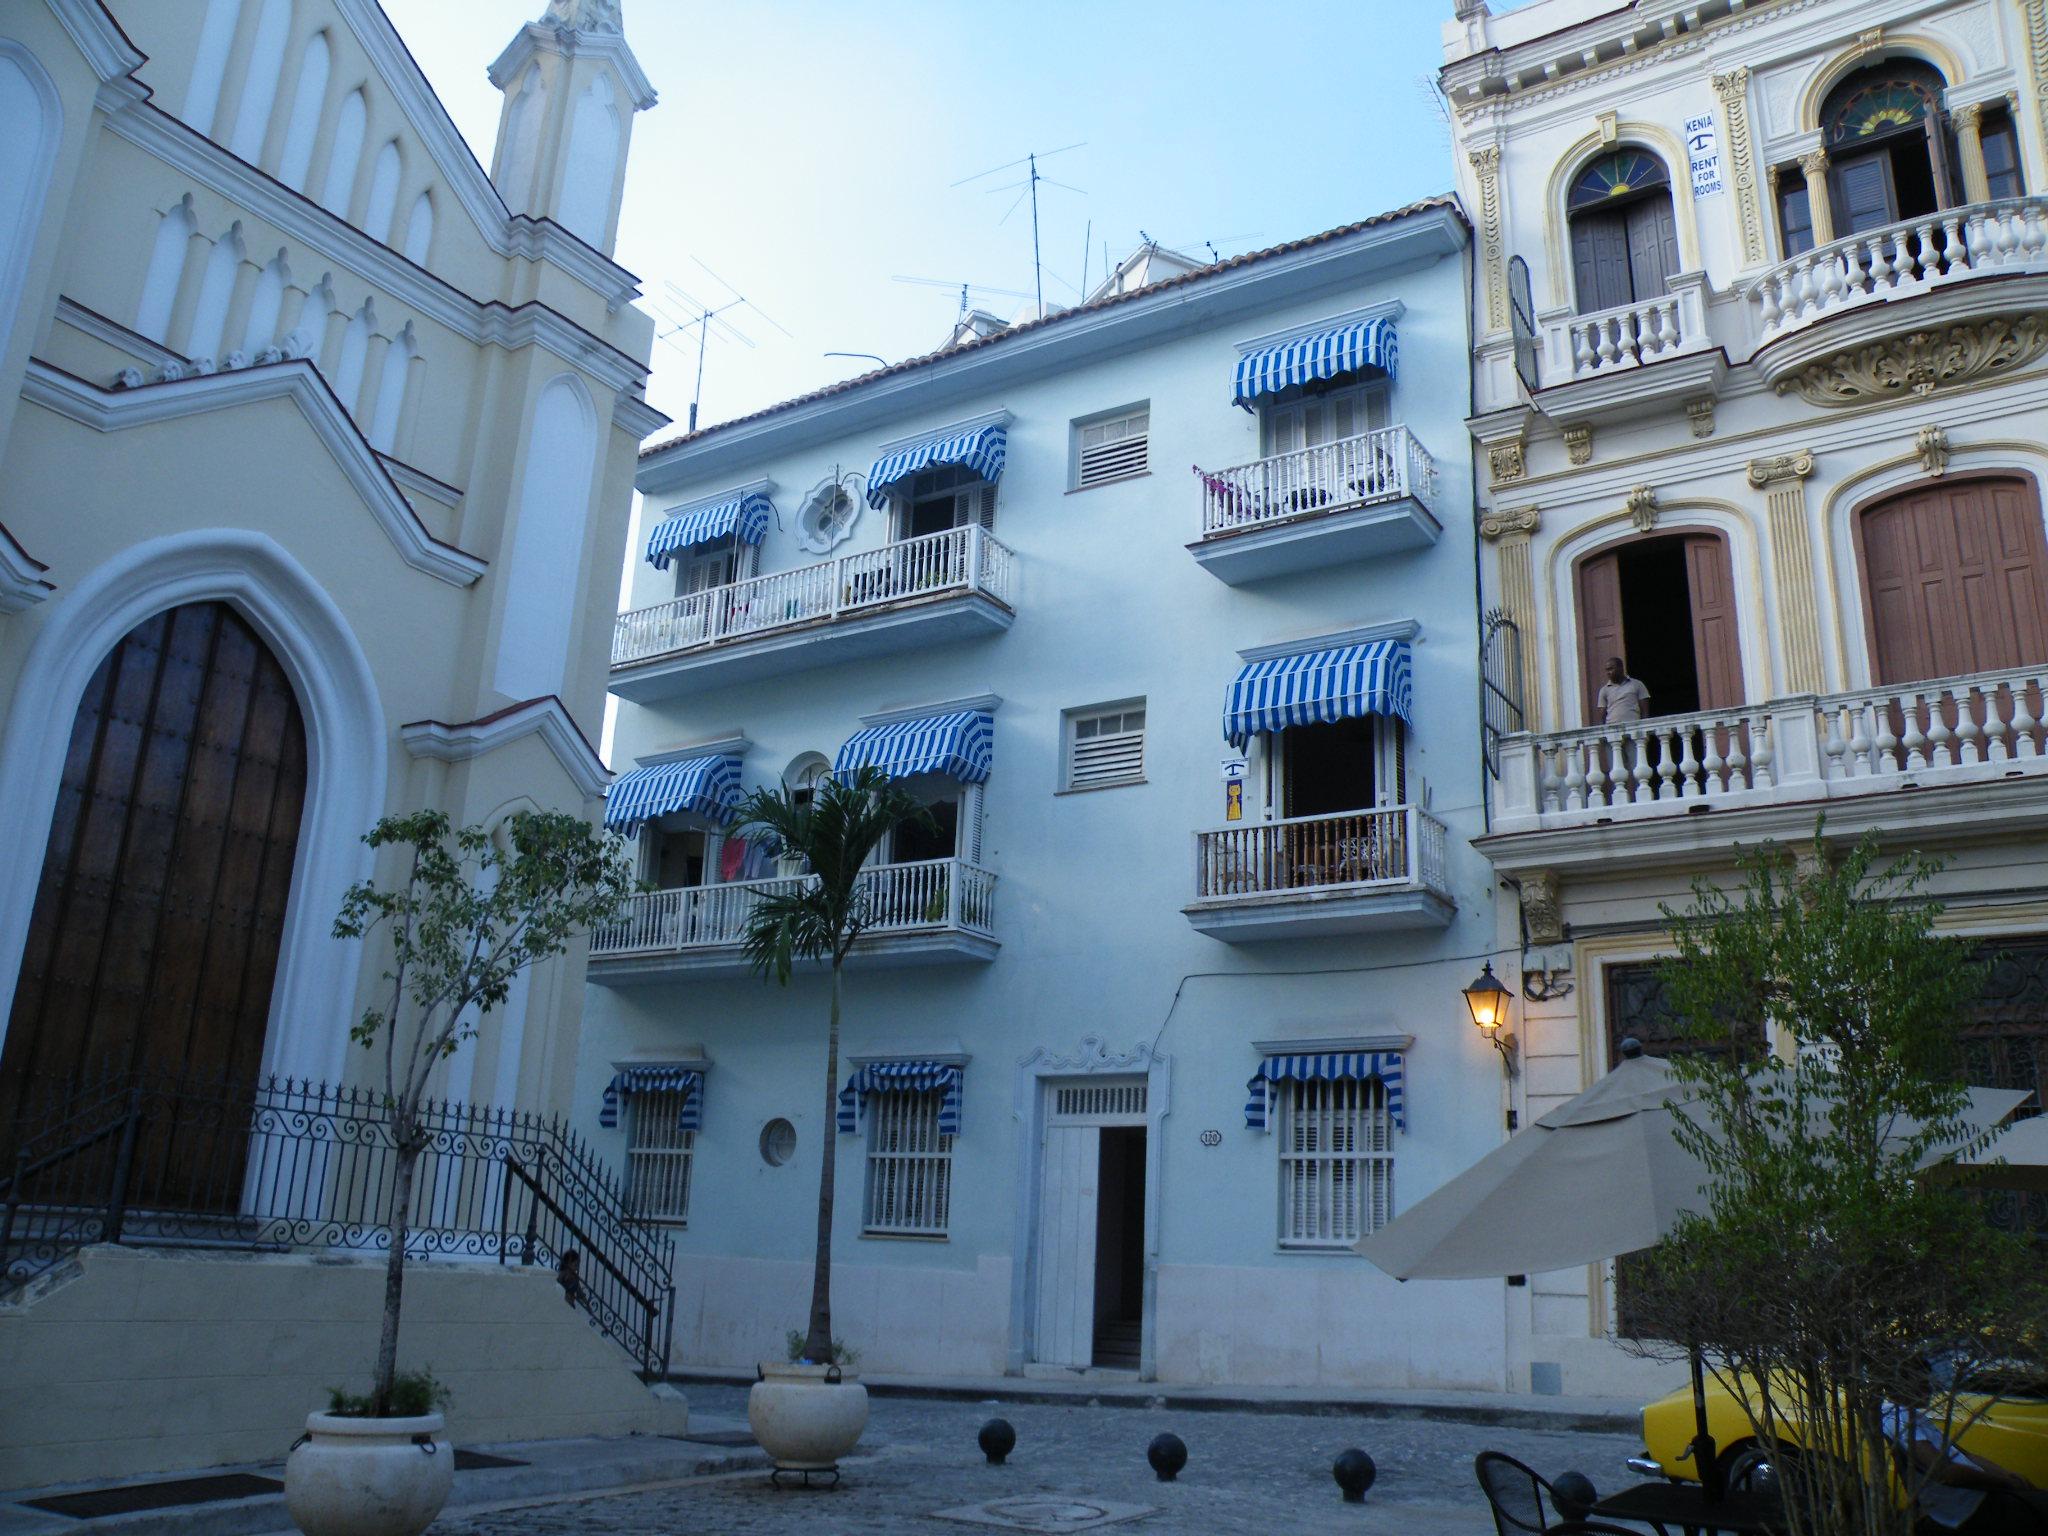 HAV113 - Casa Santy